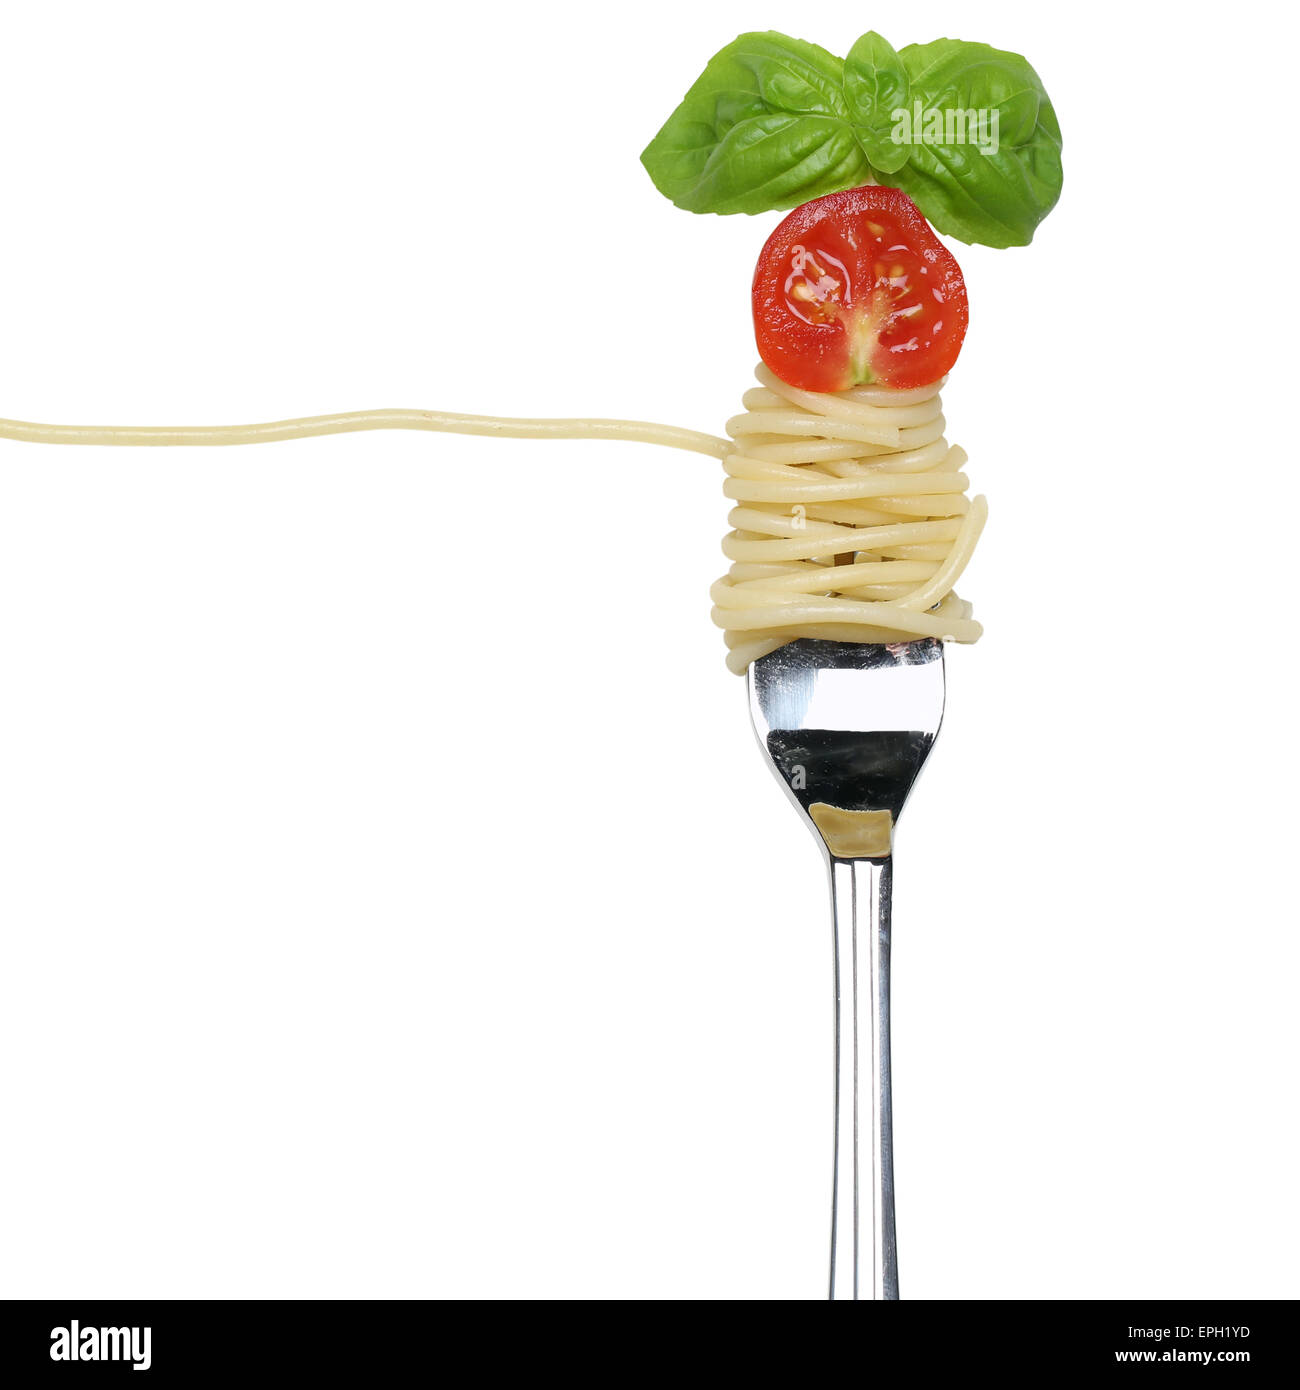 Spaghetti Nudeln Pasta essen auf einer Gabel Freisteller - Stock Image